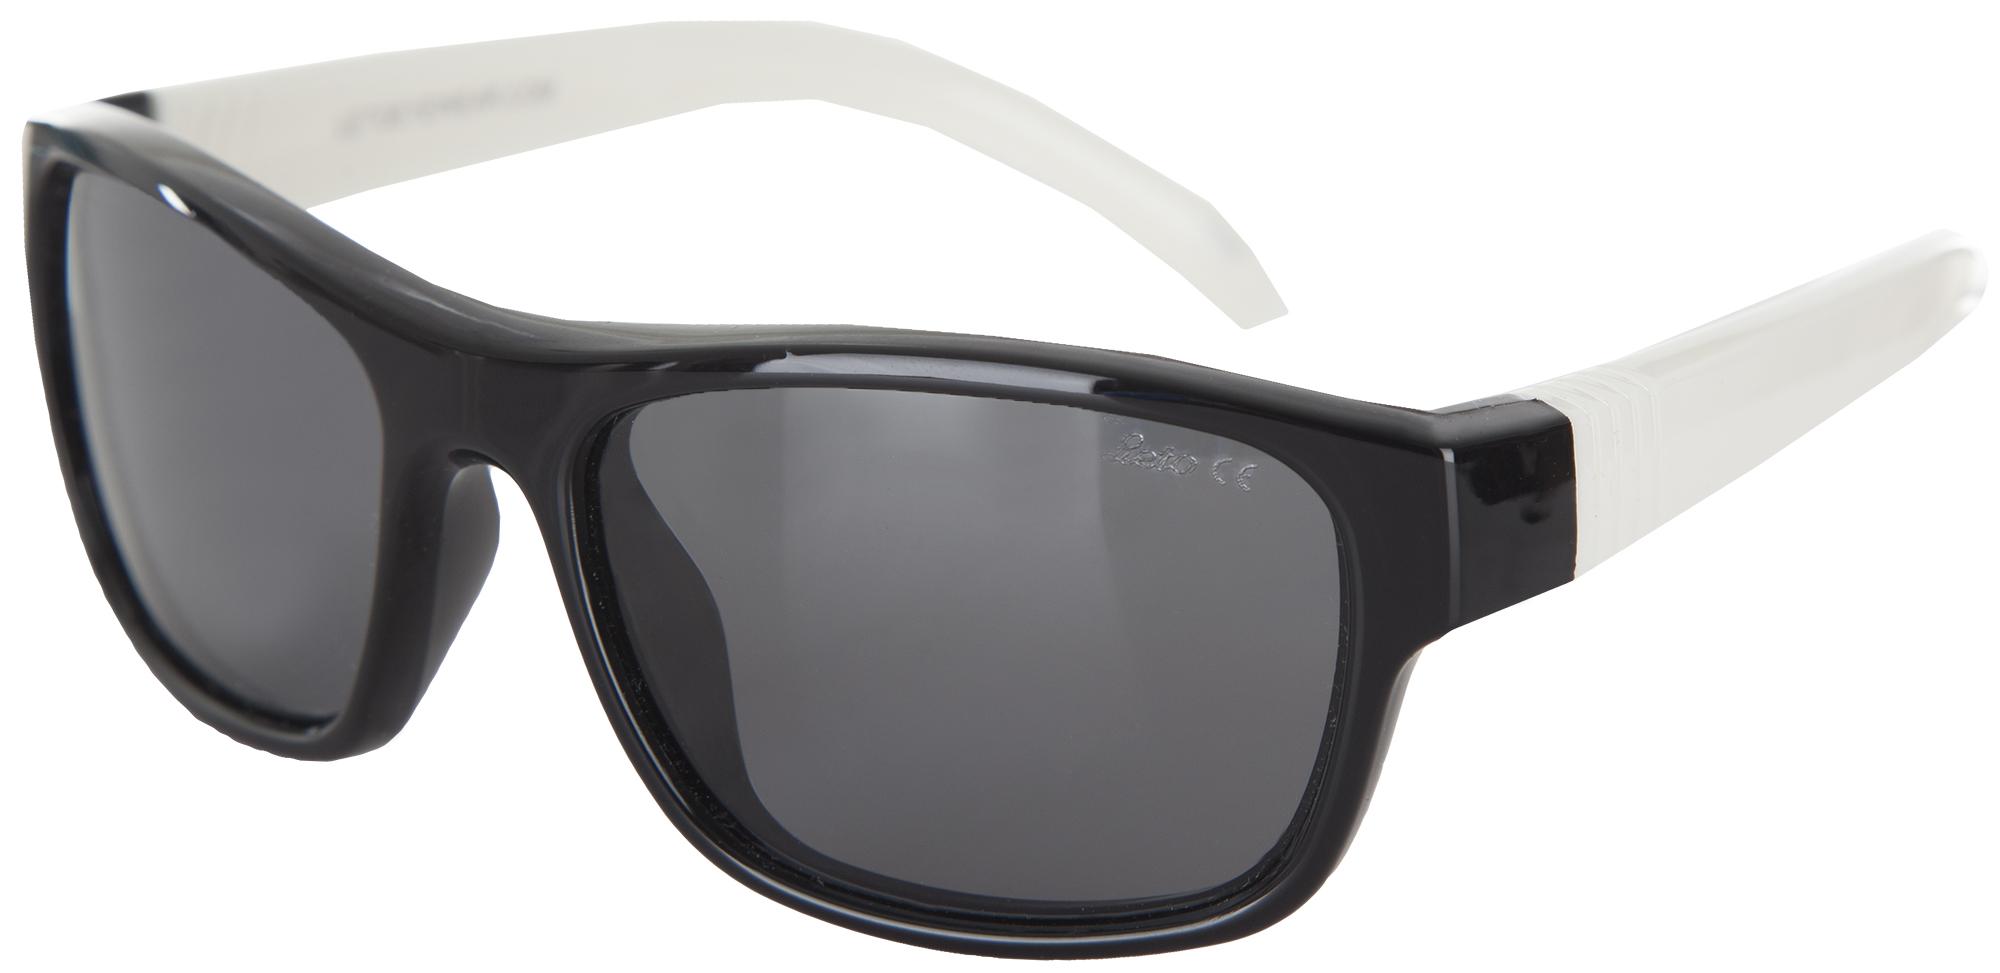 Фото - Leto Солнцезащитные очки детские Leto cолнцезащитные очки real kids детские серф оранжевые 7surnor